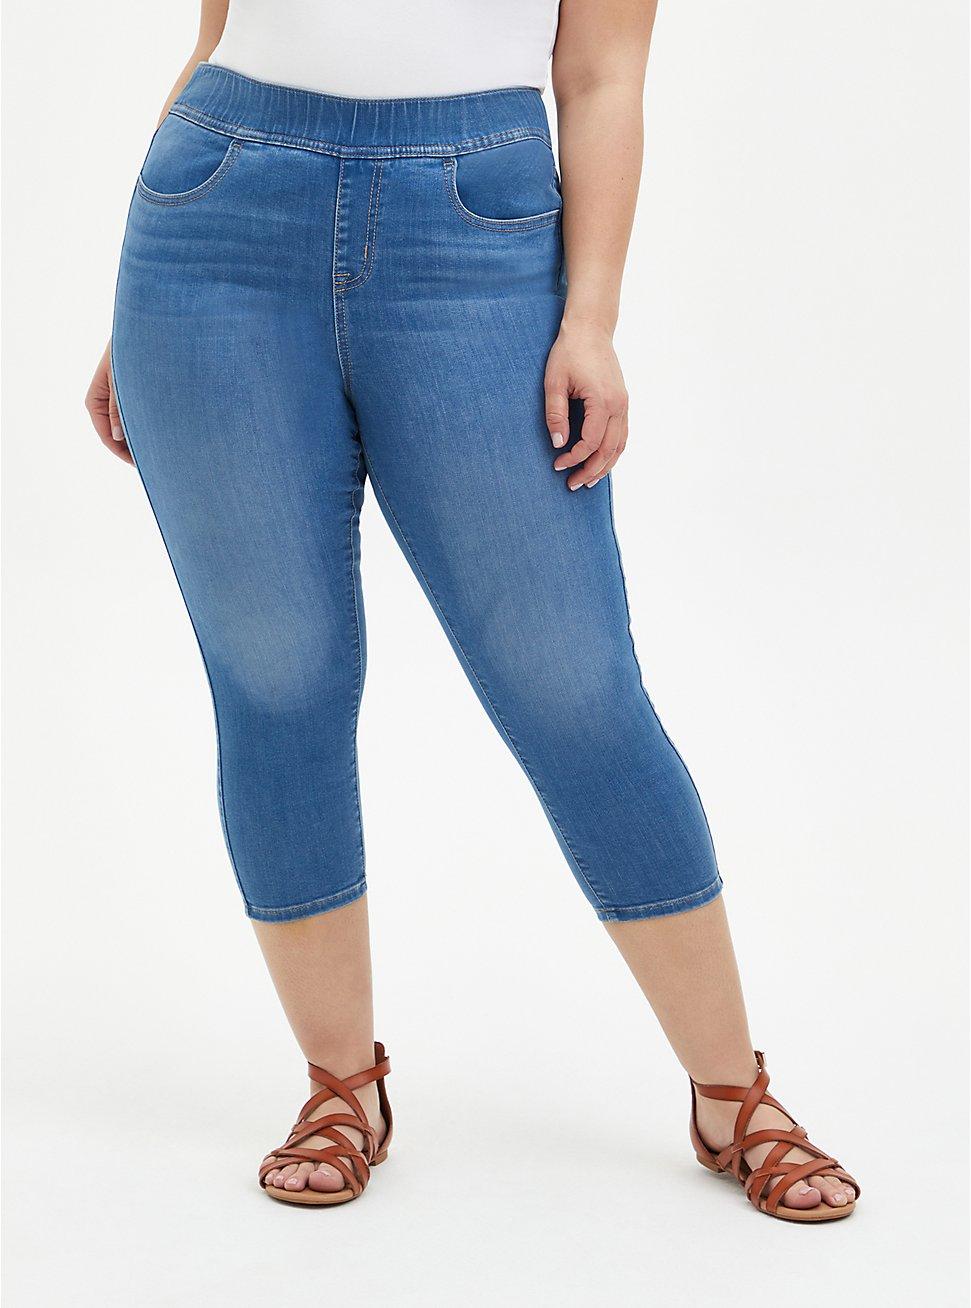 Crop Lean Jean - Super Soft Light Wash, HIP HUGGER, hi-res